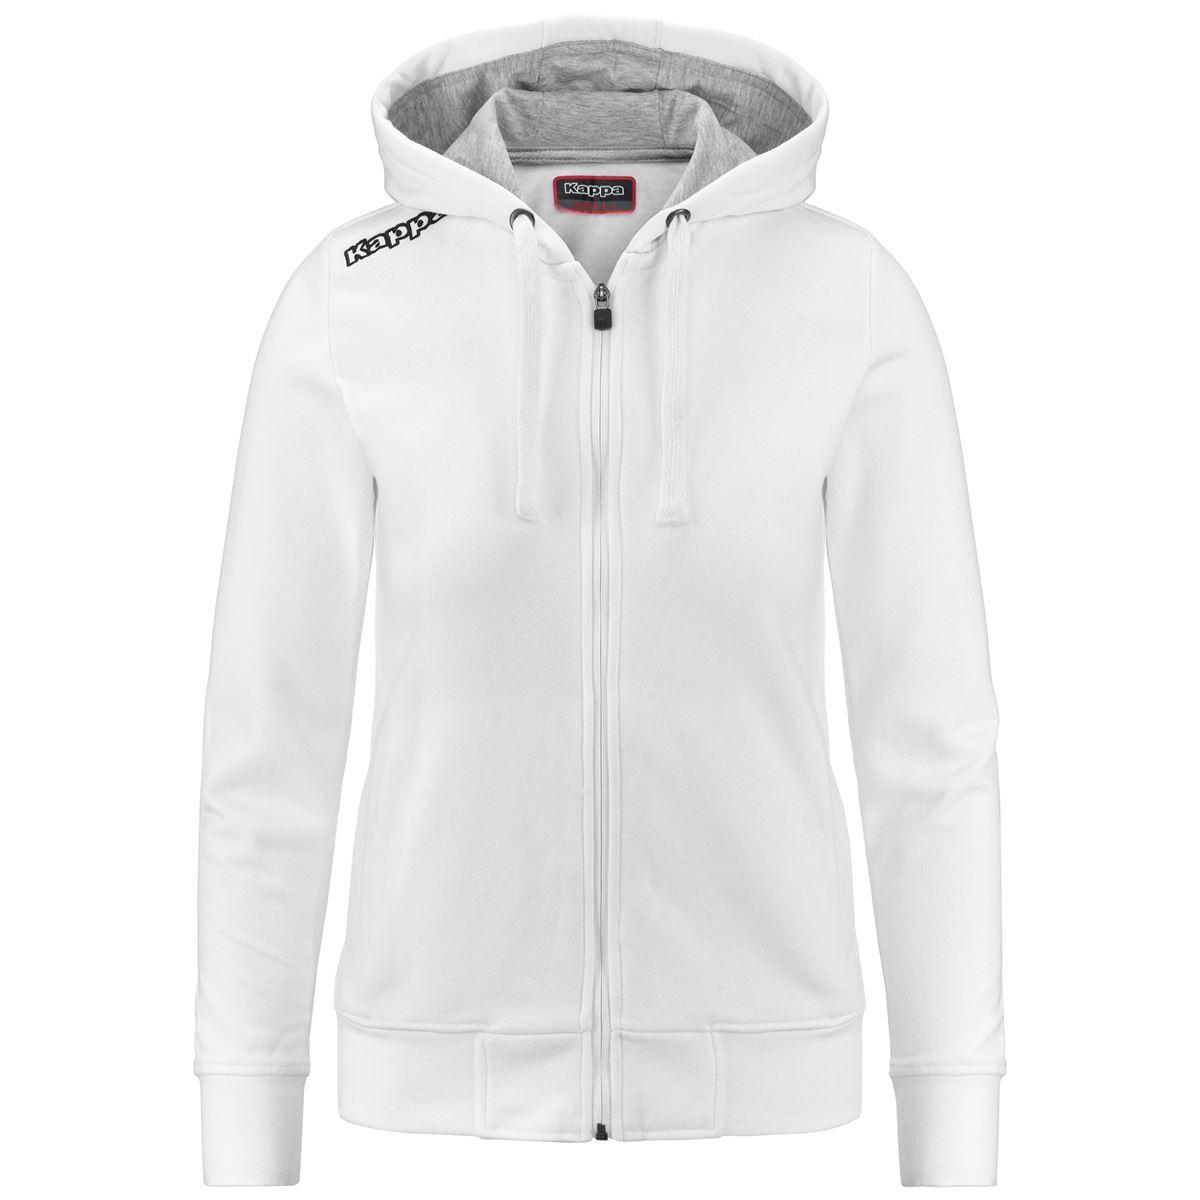 Kappa Fleece Sweater KAPPA4VOLLEY WESON Girl Jacket